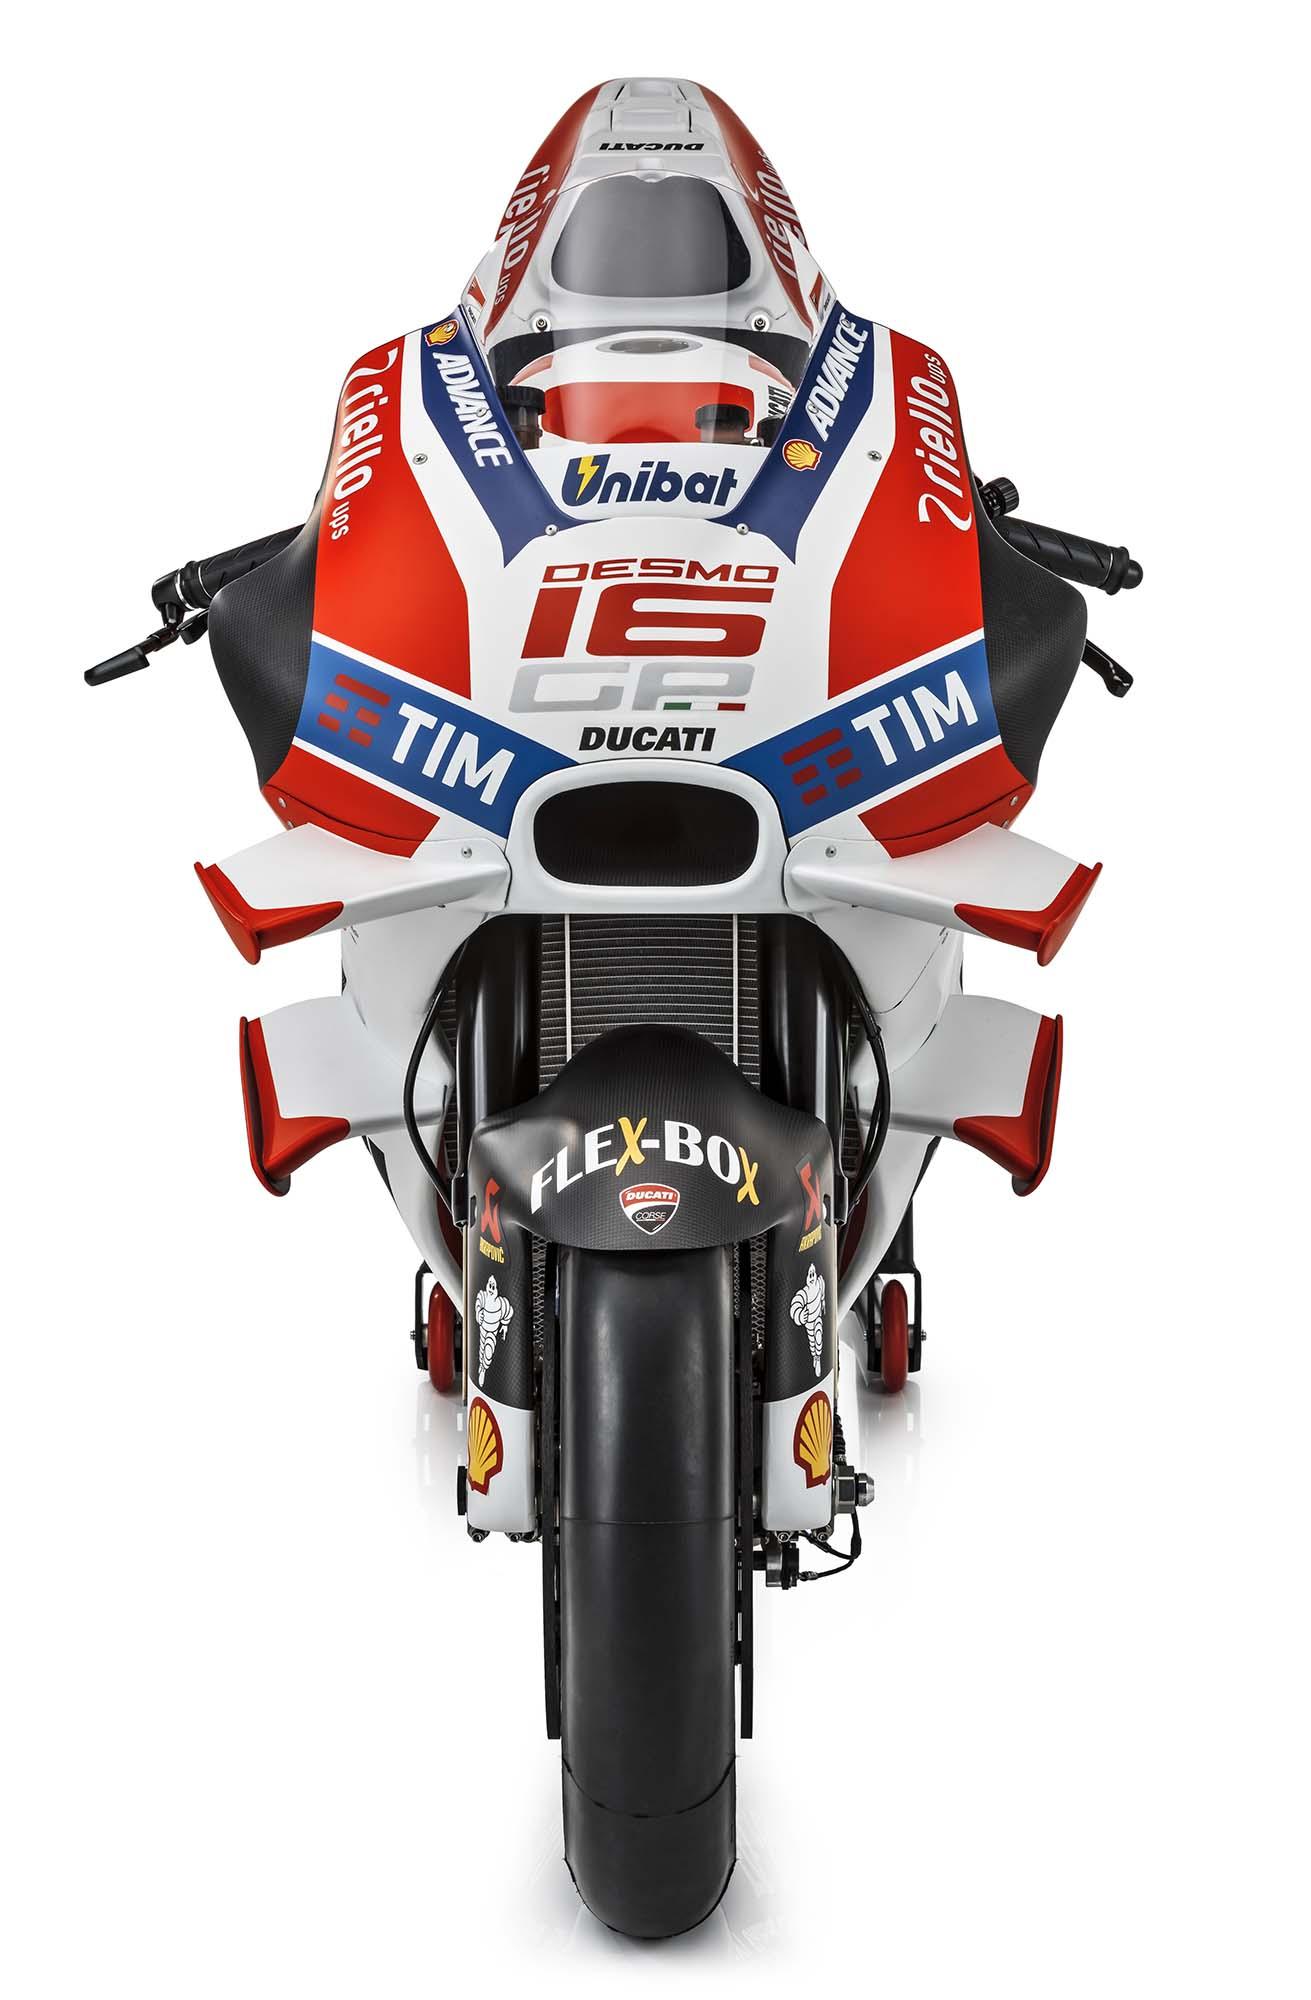 2016 Ducati Desmosedici GP - AKA, The Desmo 16 GP